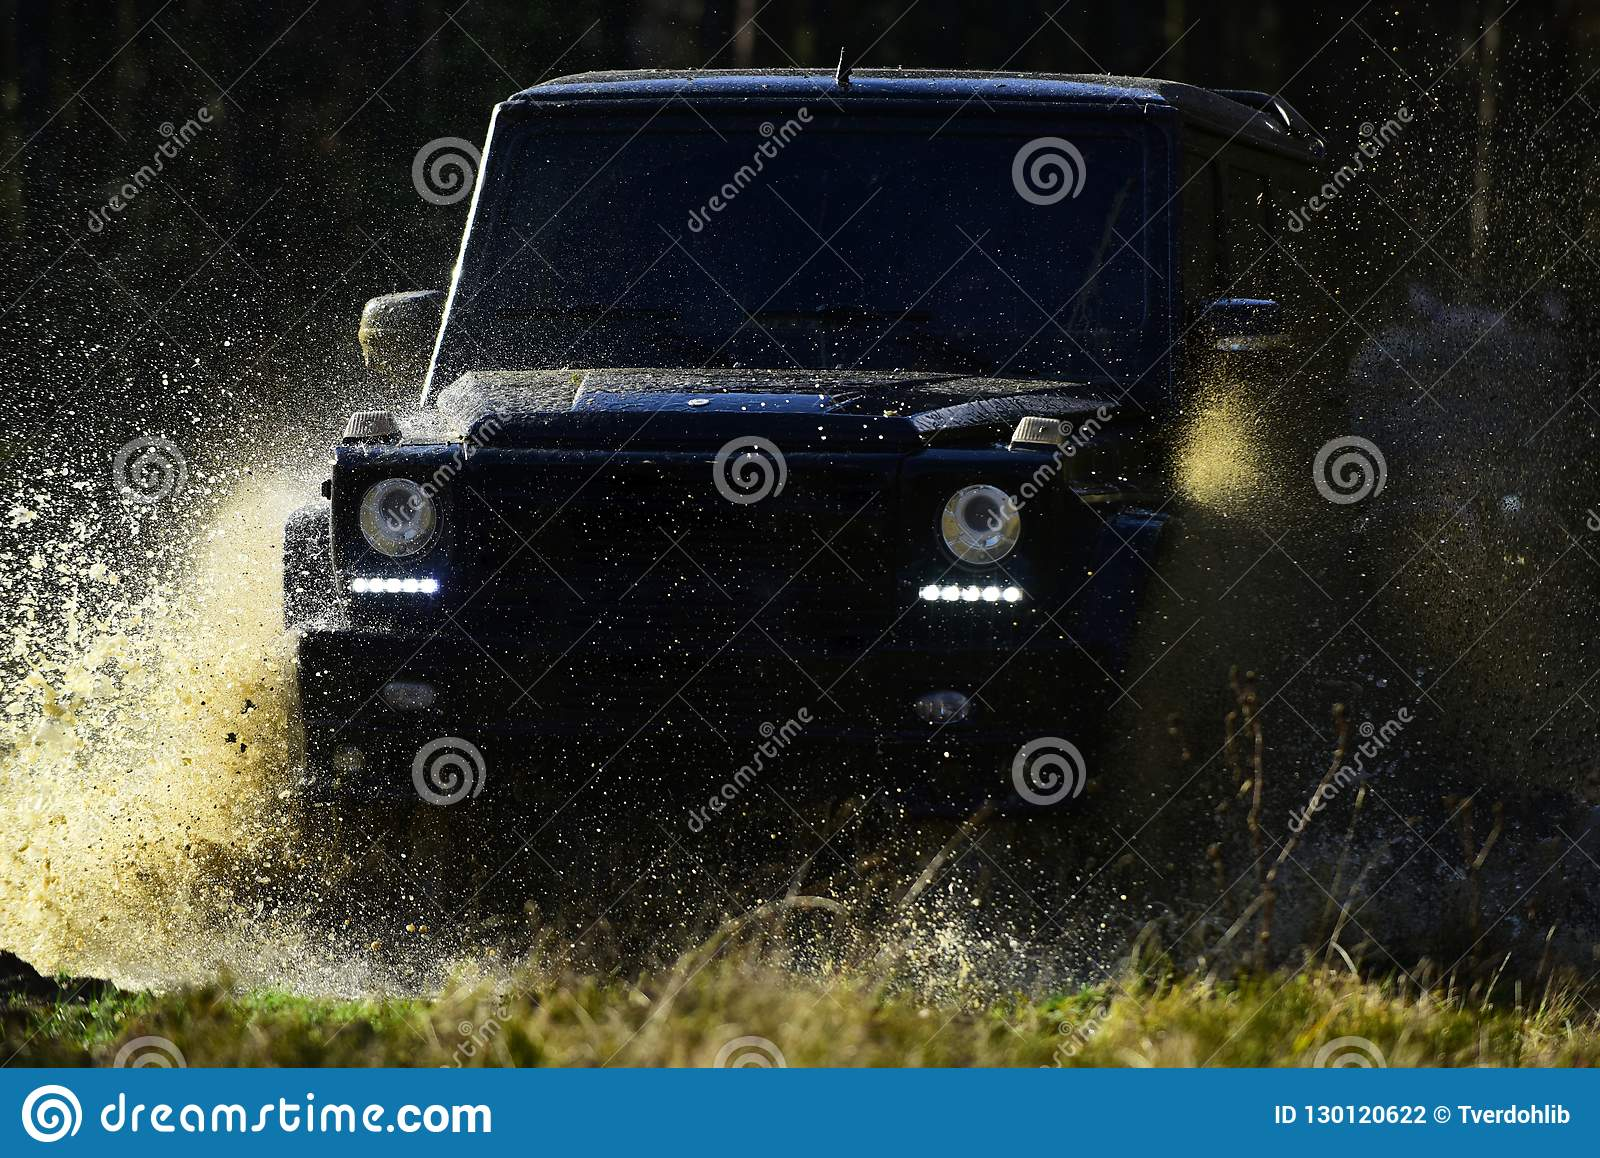 Ekstremum, wyzwanie i 4x4 pojazdu pojęcie, SUV lub offroad samochód na ścieżce zakrywającej z trawy kałuży z wodą skrzyżowaniem